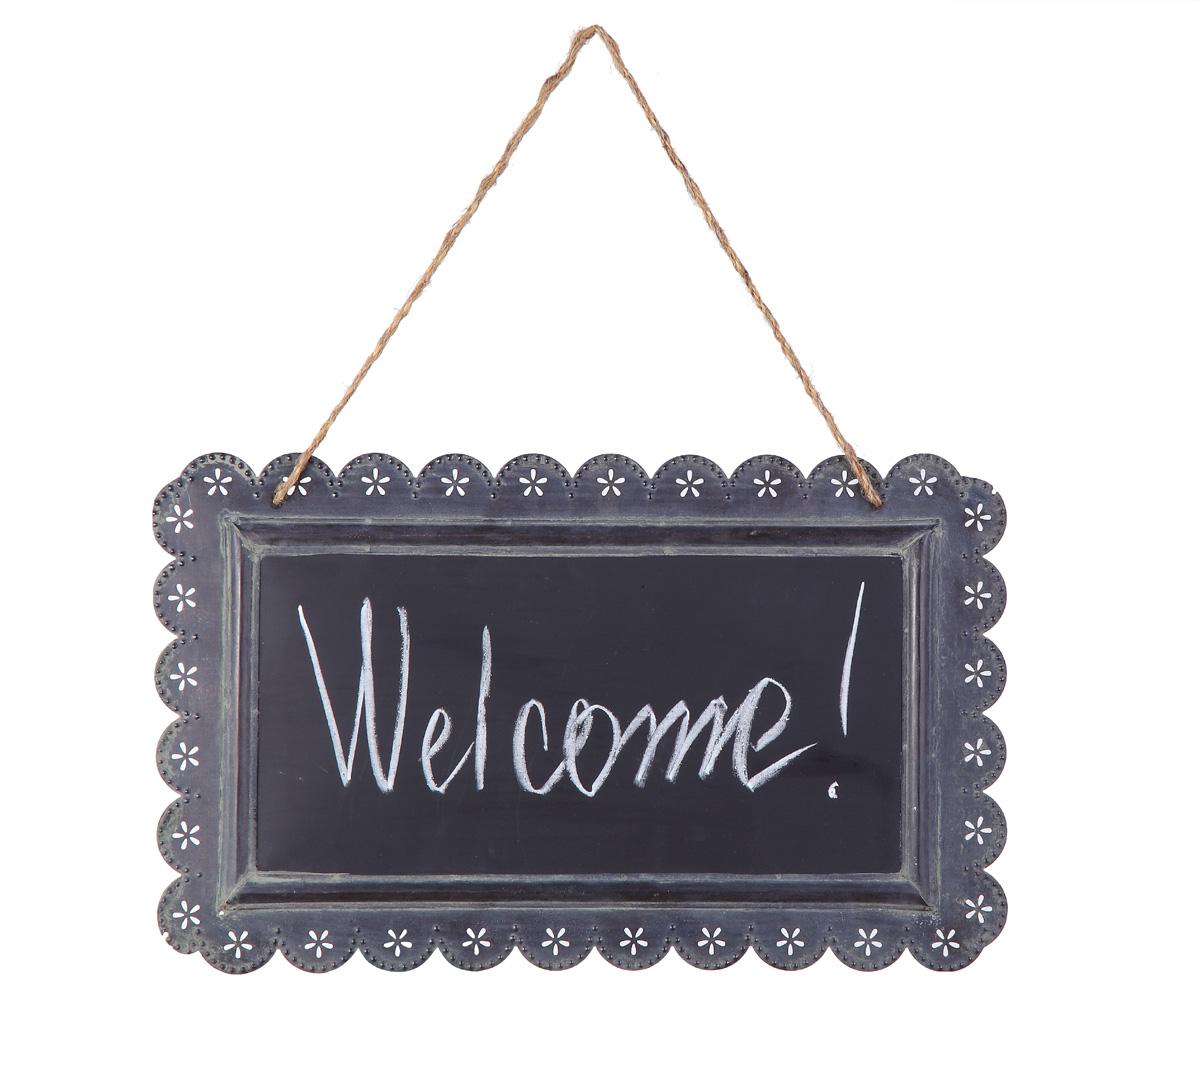 Купить Табличка на веревочке Chalkboard в интернет магазине дизайнерской мебели и аксессуаров для дома и дачи